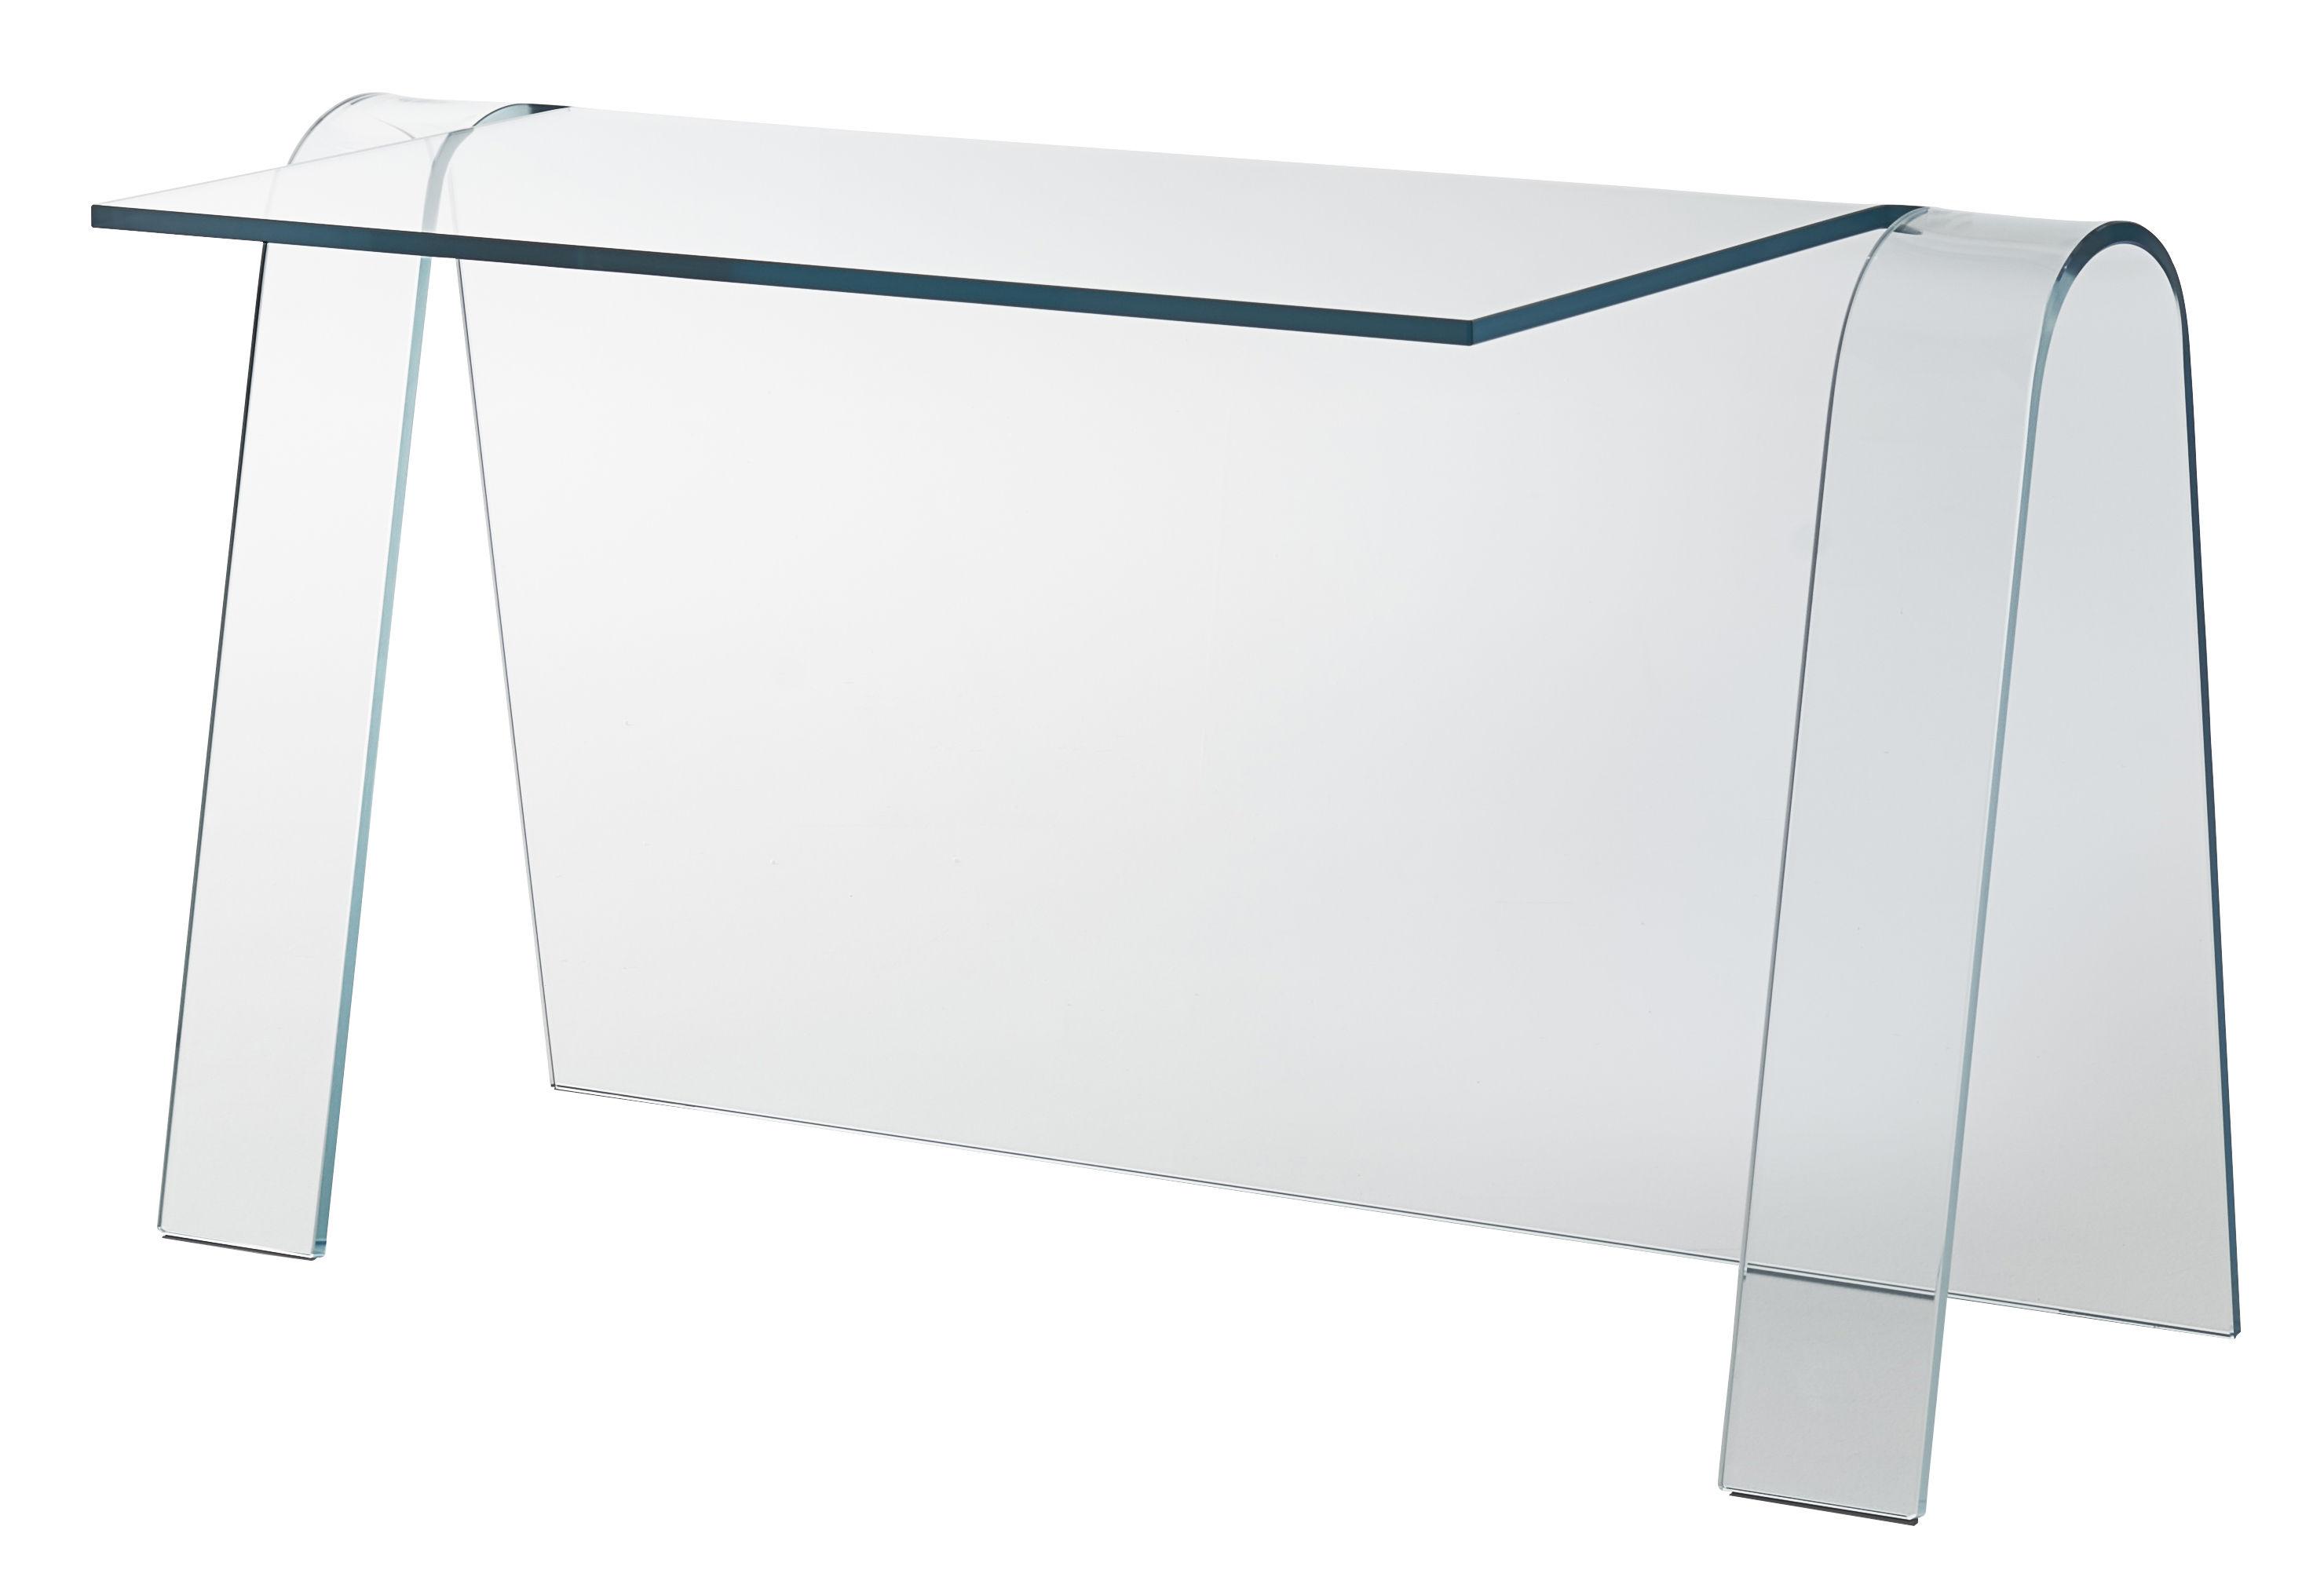 Mobilier - Bureaux - Bureau Folio / Verre - L 133 cm - Glas Italia - Transparent - Verre extra-clair